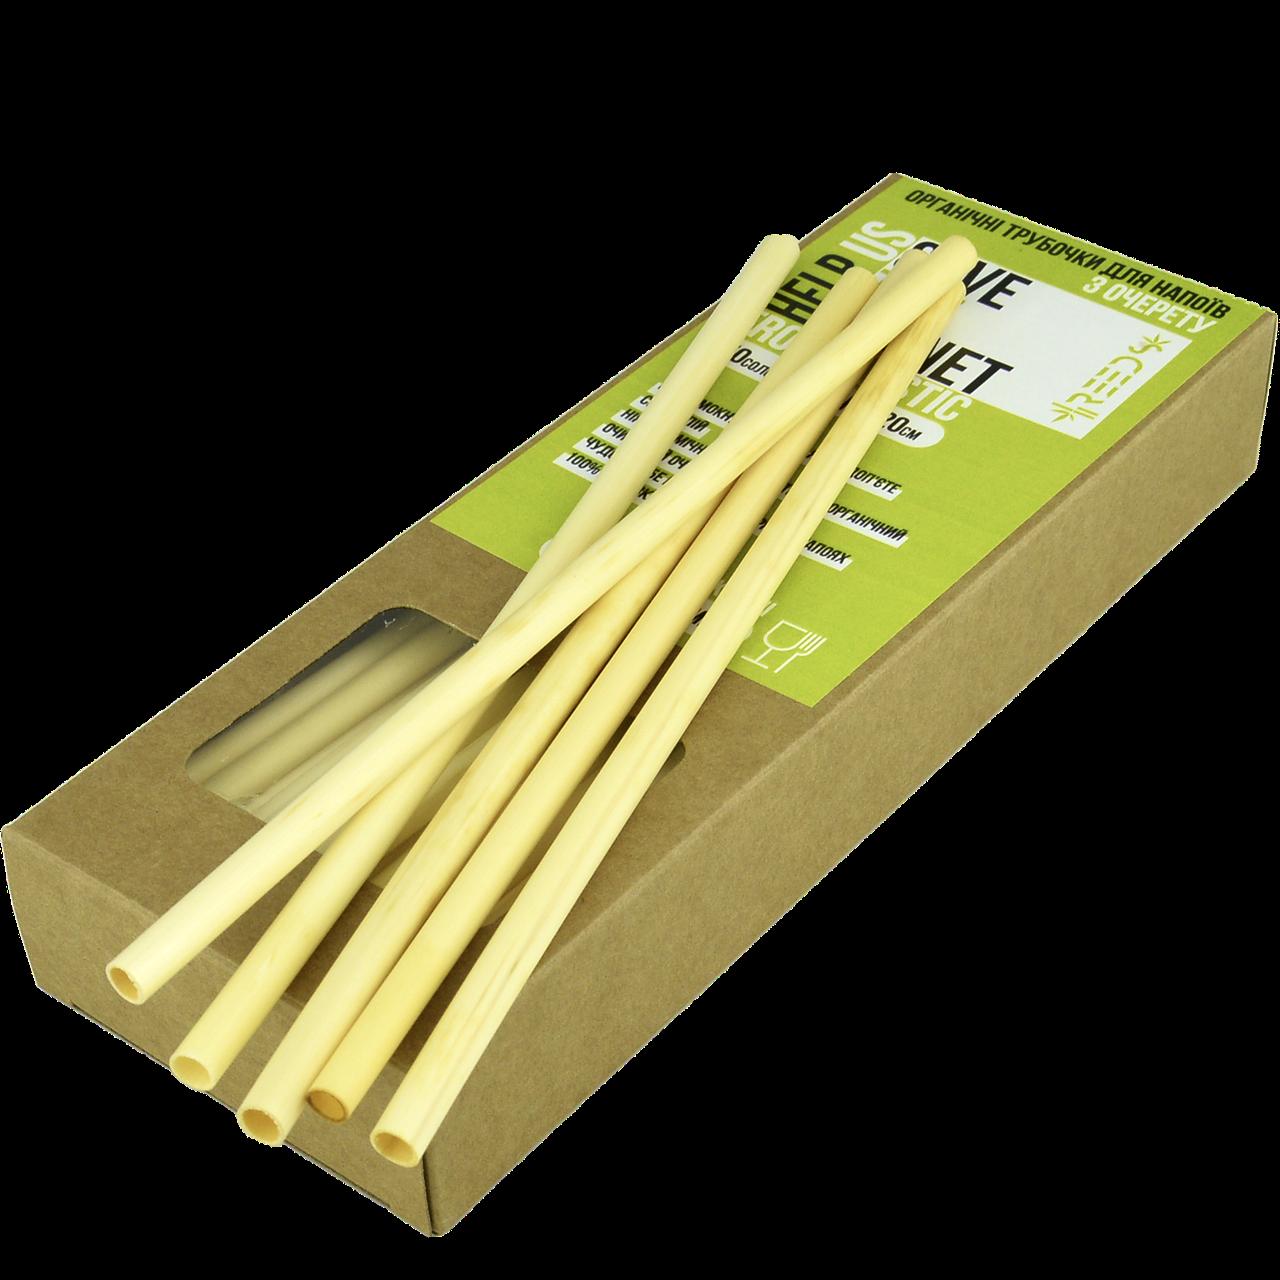 Коктейльные трубочки из тростника (d 3 - 5 mm) уп/50шт